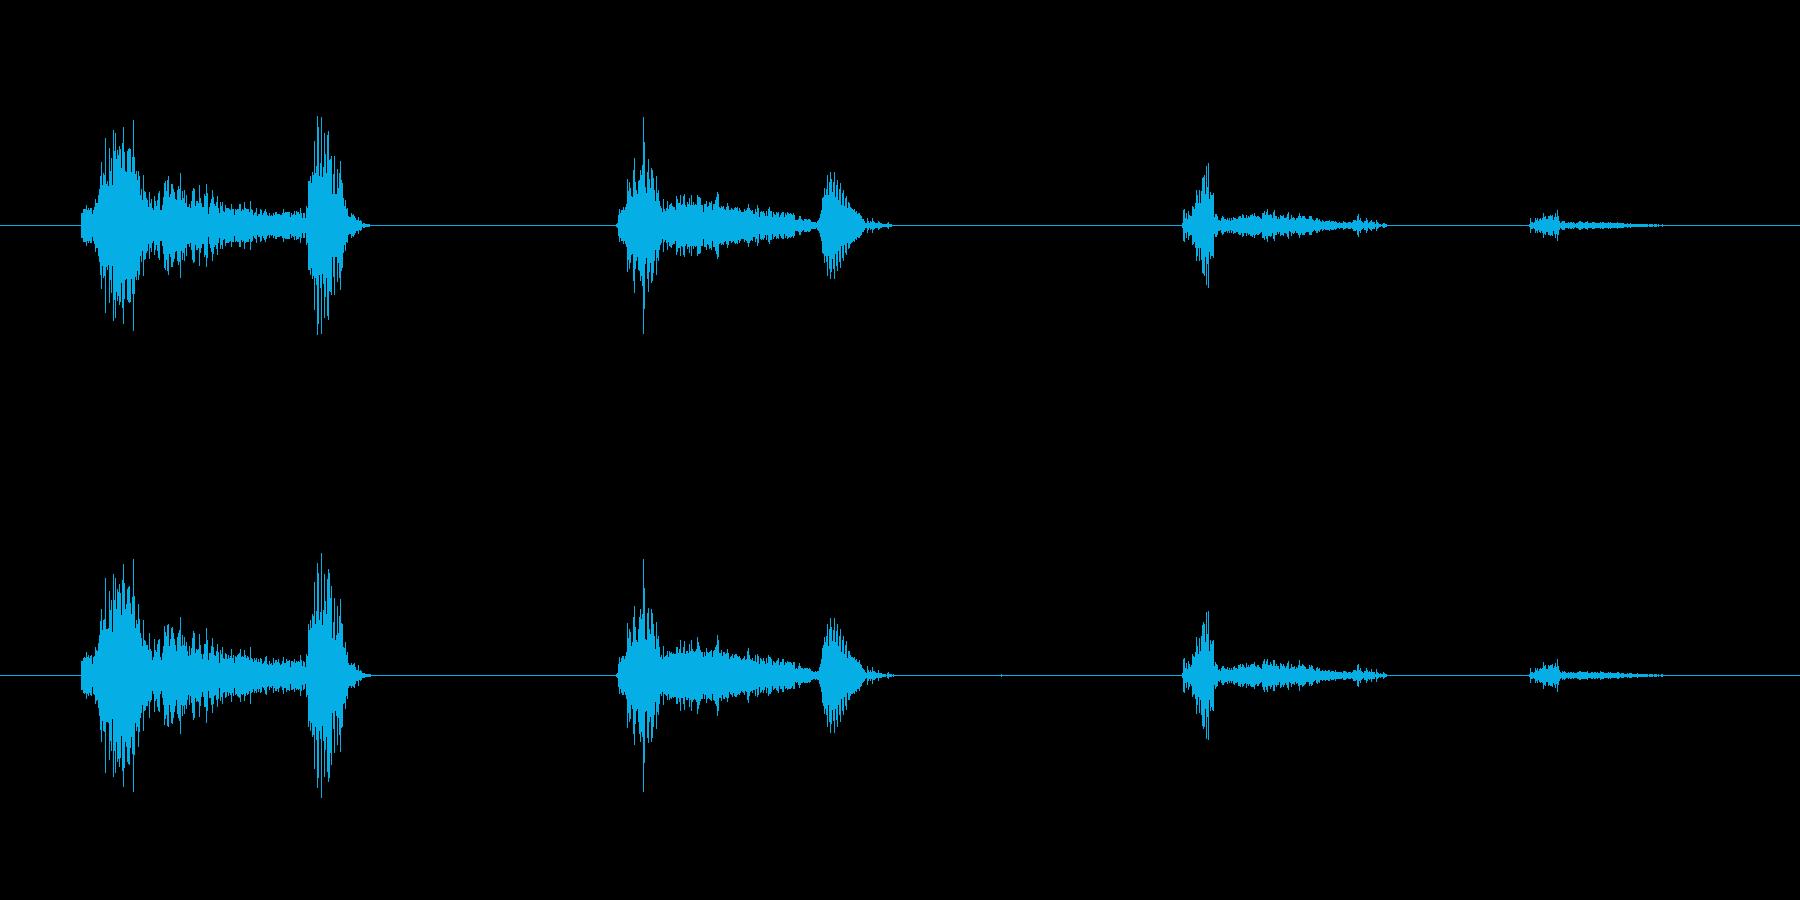 鳴き声 男性の咳のシーケンス01の再生済みの波形